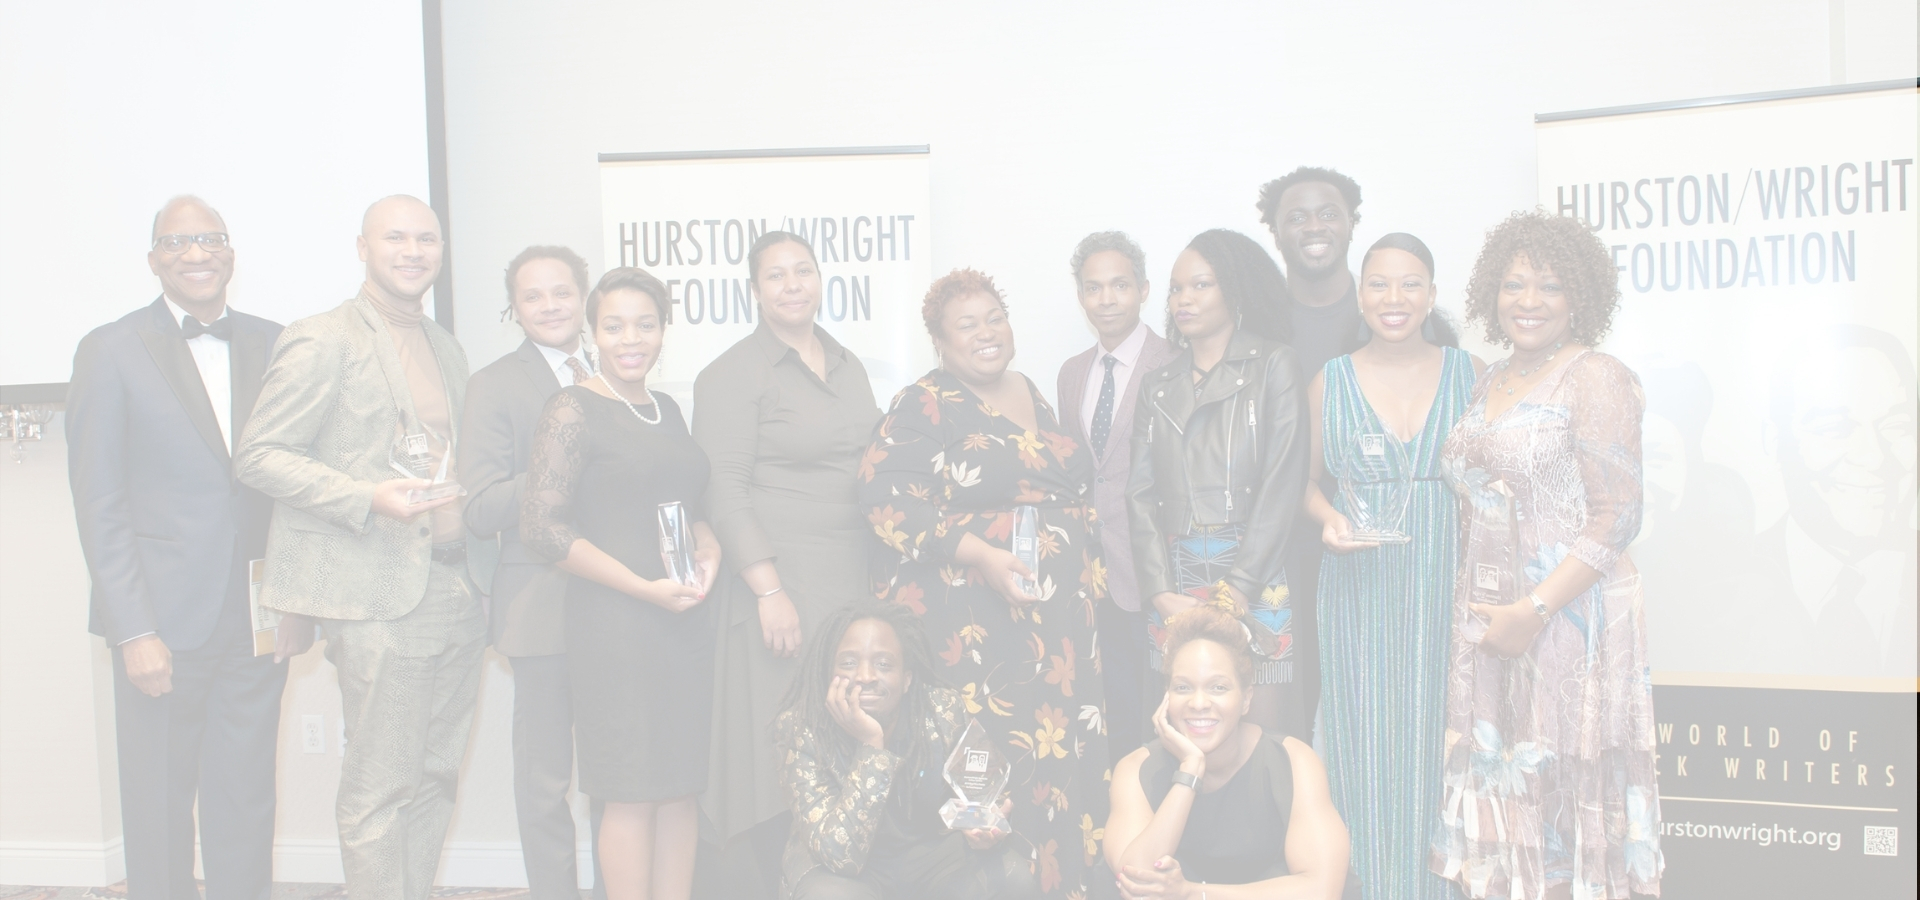 Hurston Wright Legacy Award